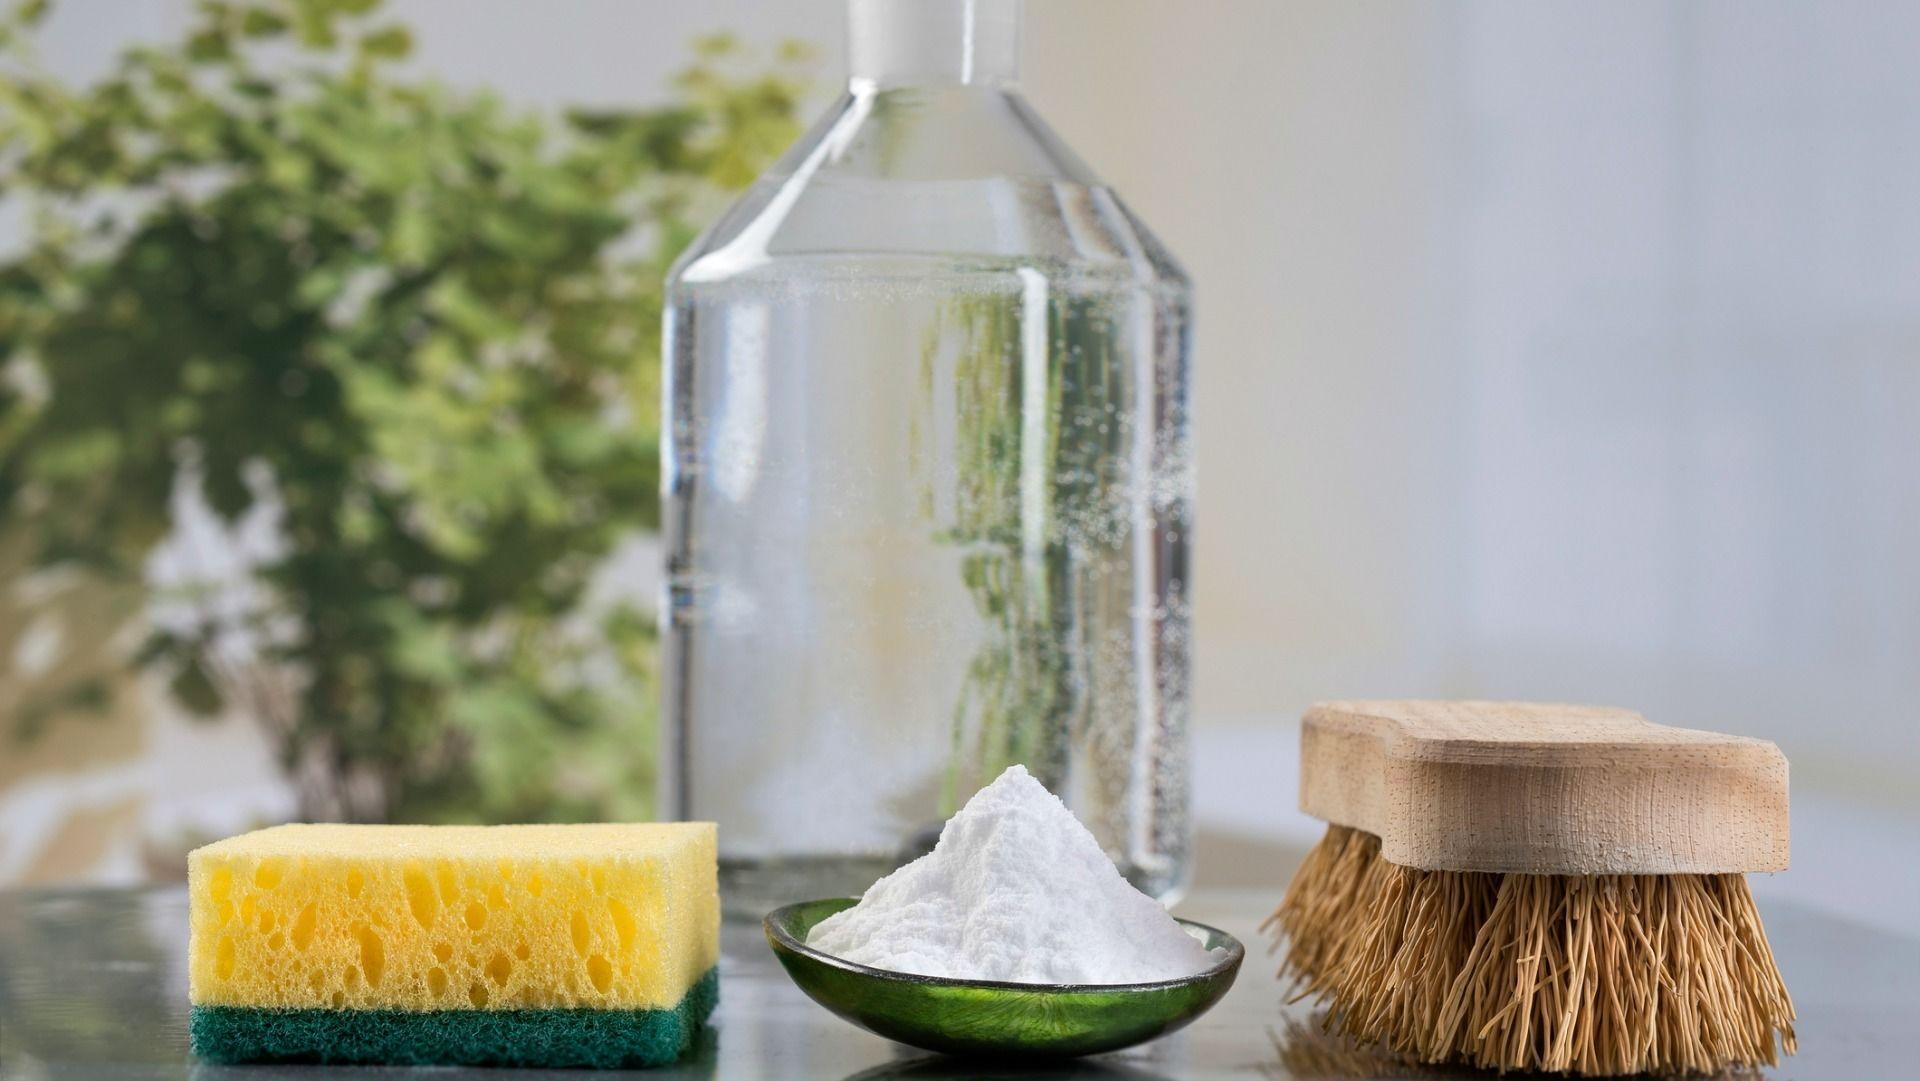 3. Gunakan cuka sabun cuci piring